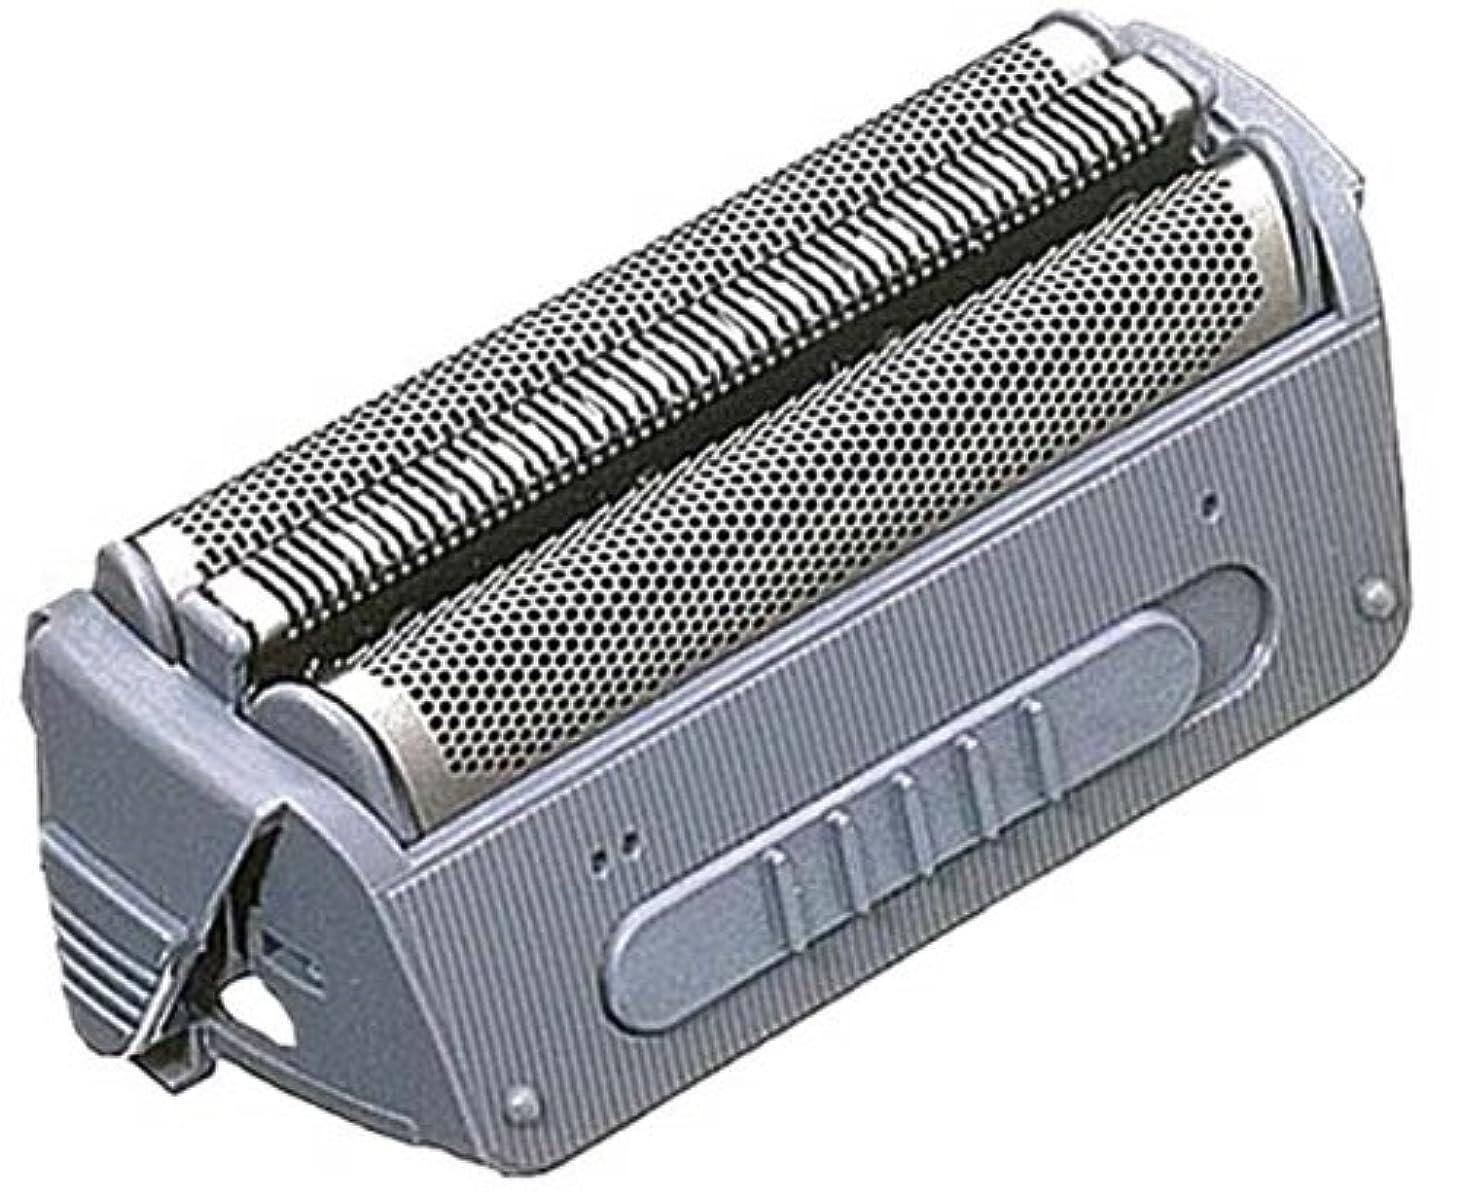 汗一般的に言えばクーポンパナソニック 替刃 メンズシェーバー用 外刃 ES9095